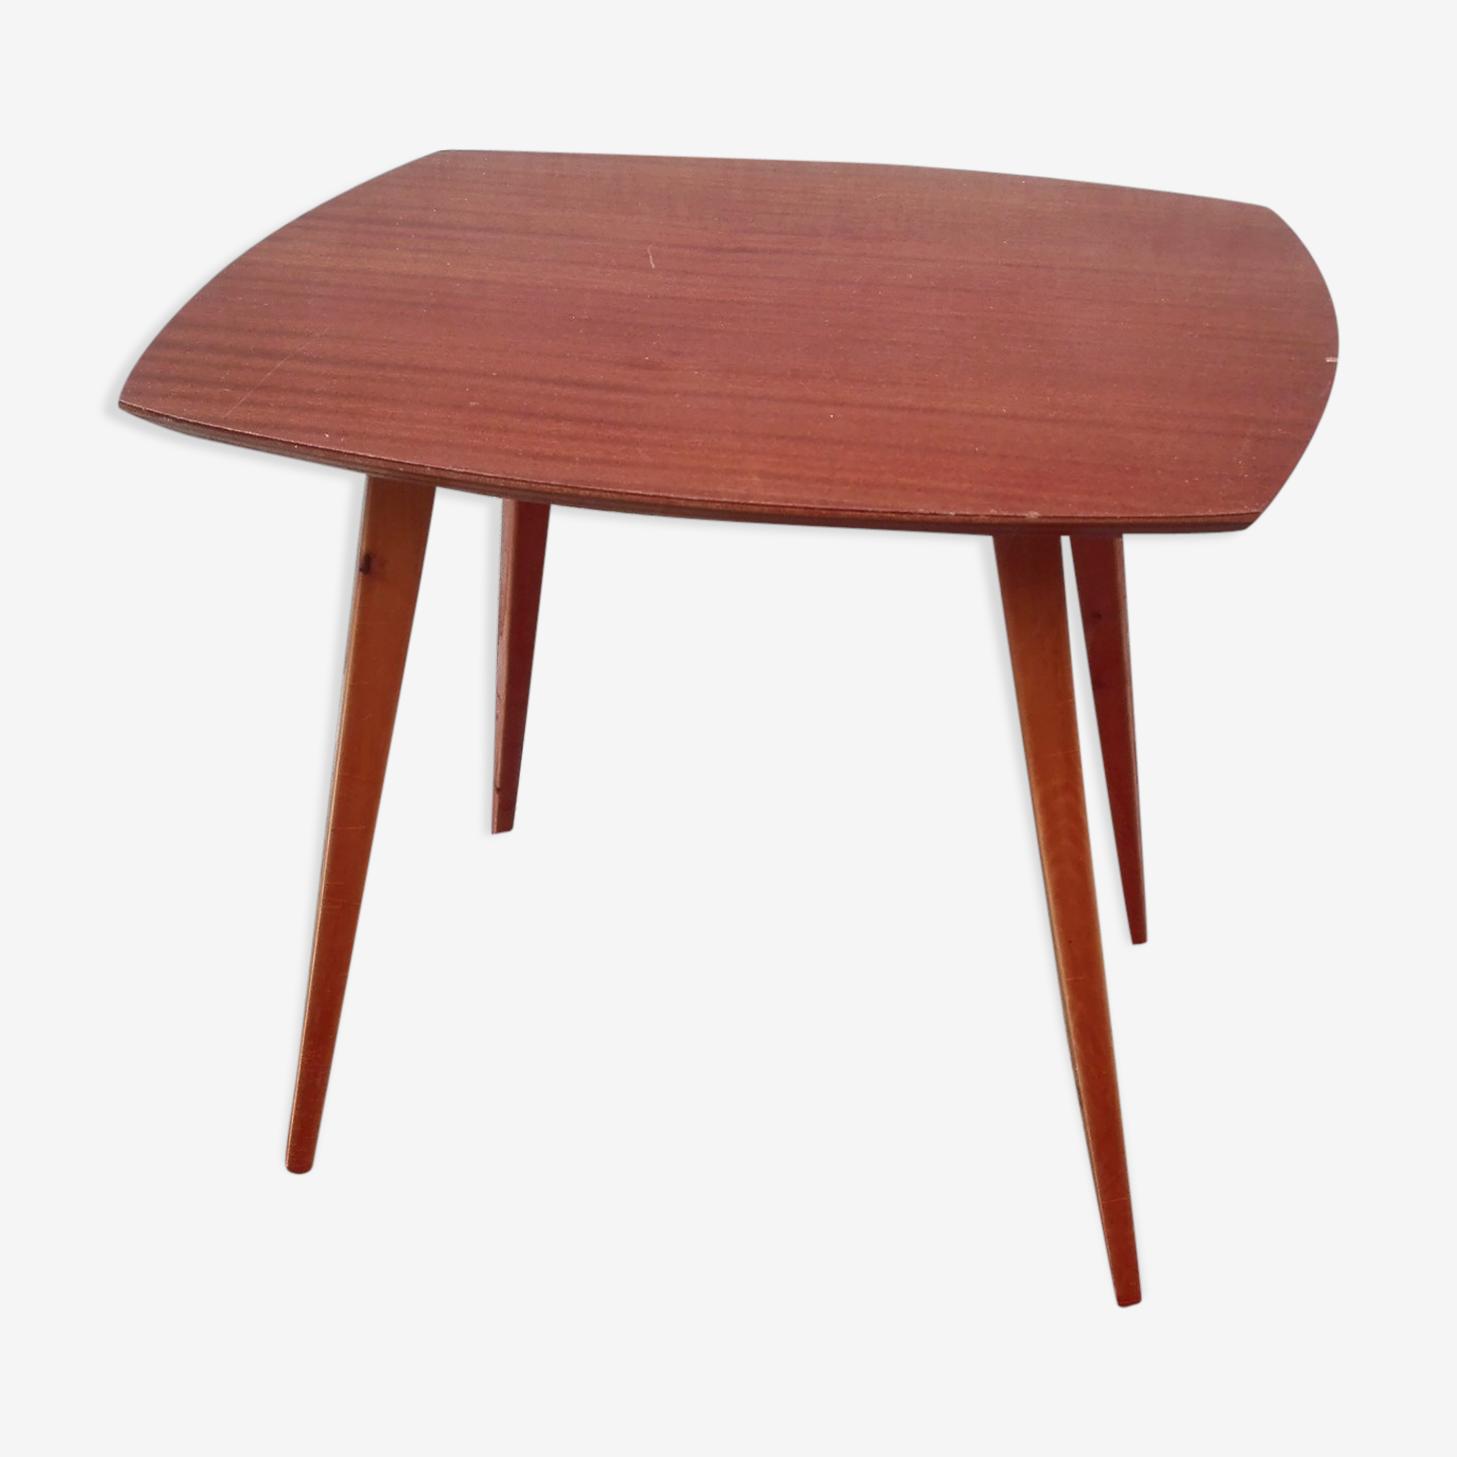 Table low legs compass inspiration scandinavian